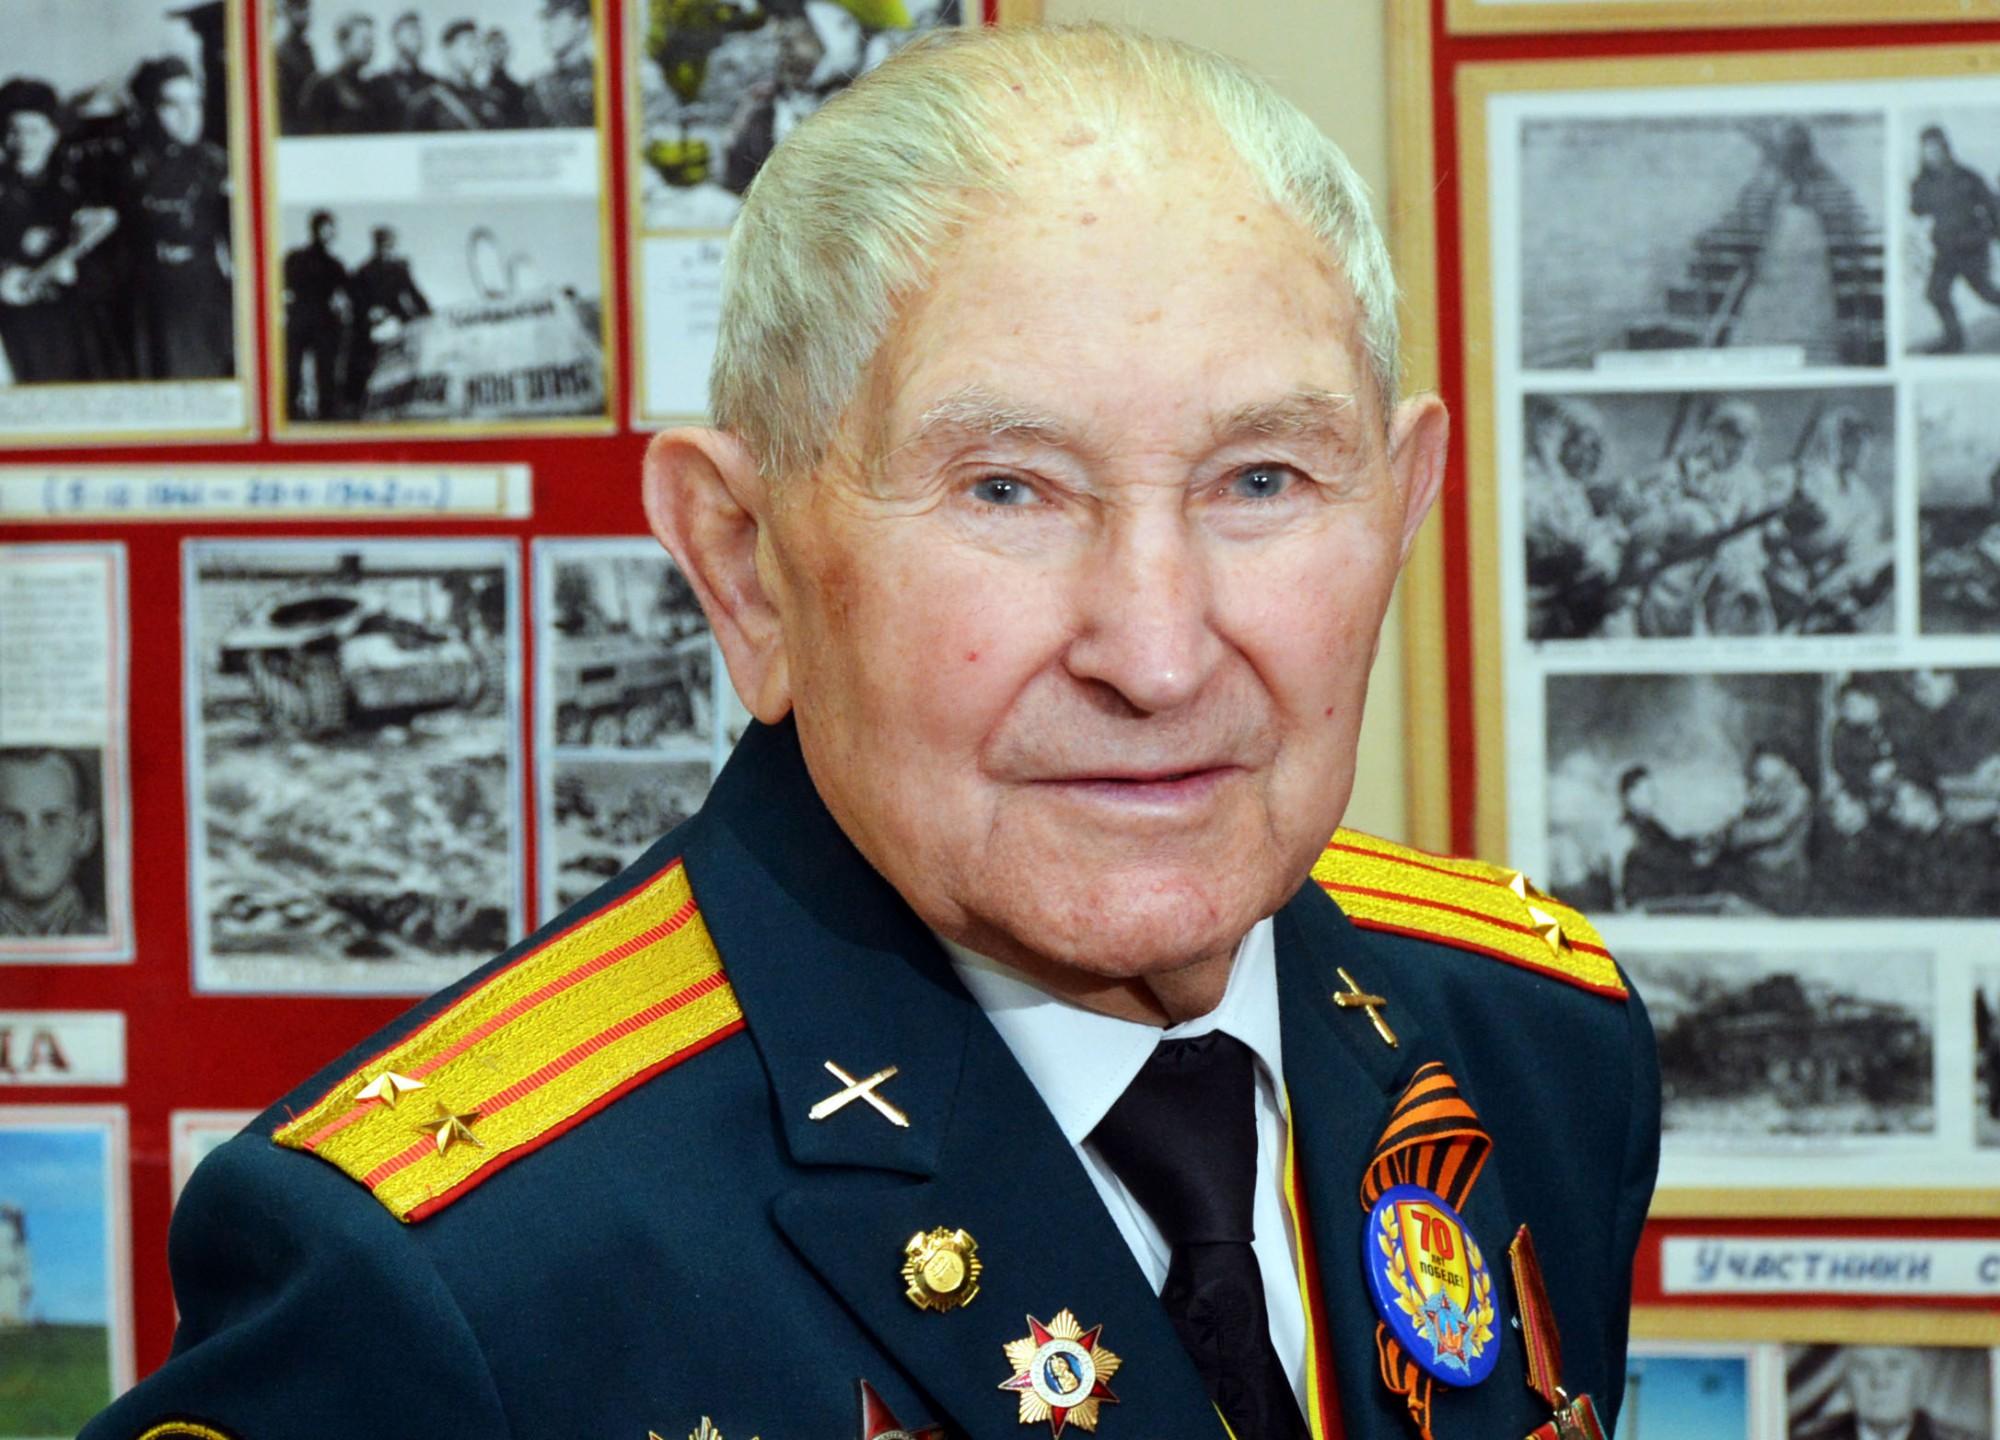 Иван Кладкевич: Главное – большое внимание уделяется ветеранам Великой Отечественной войны